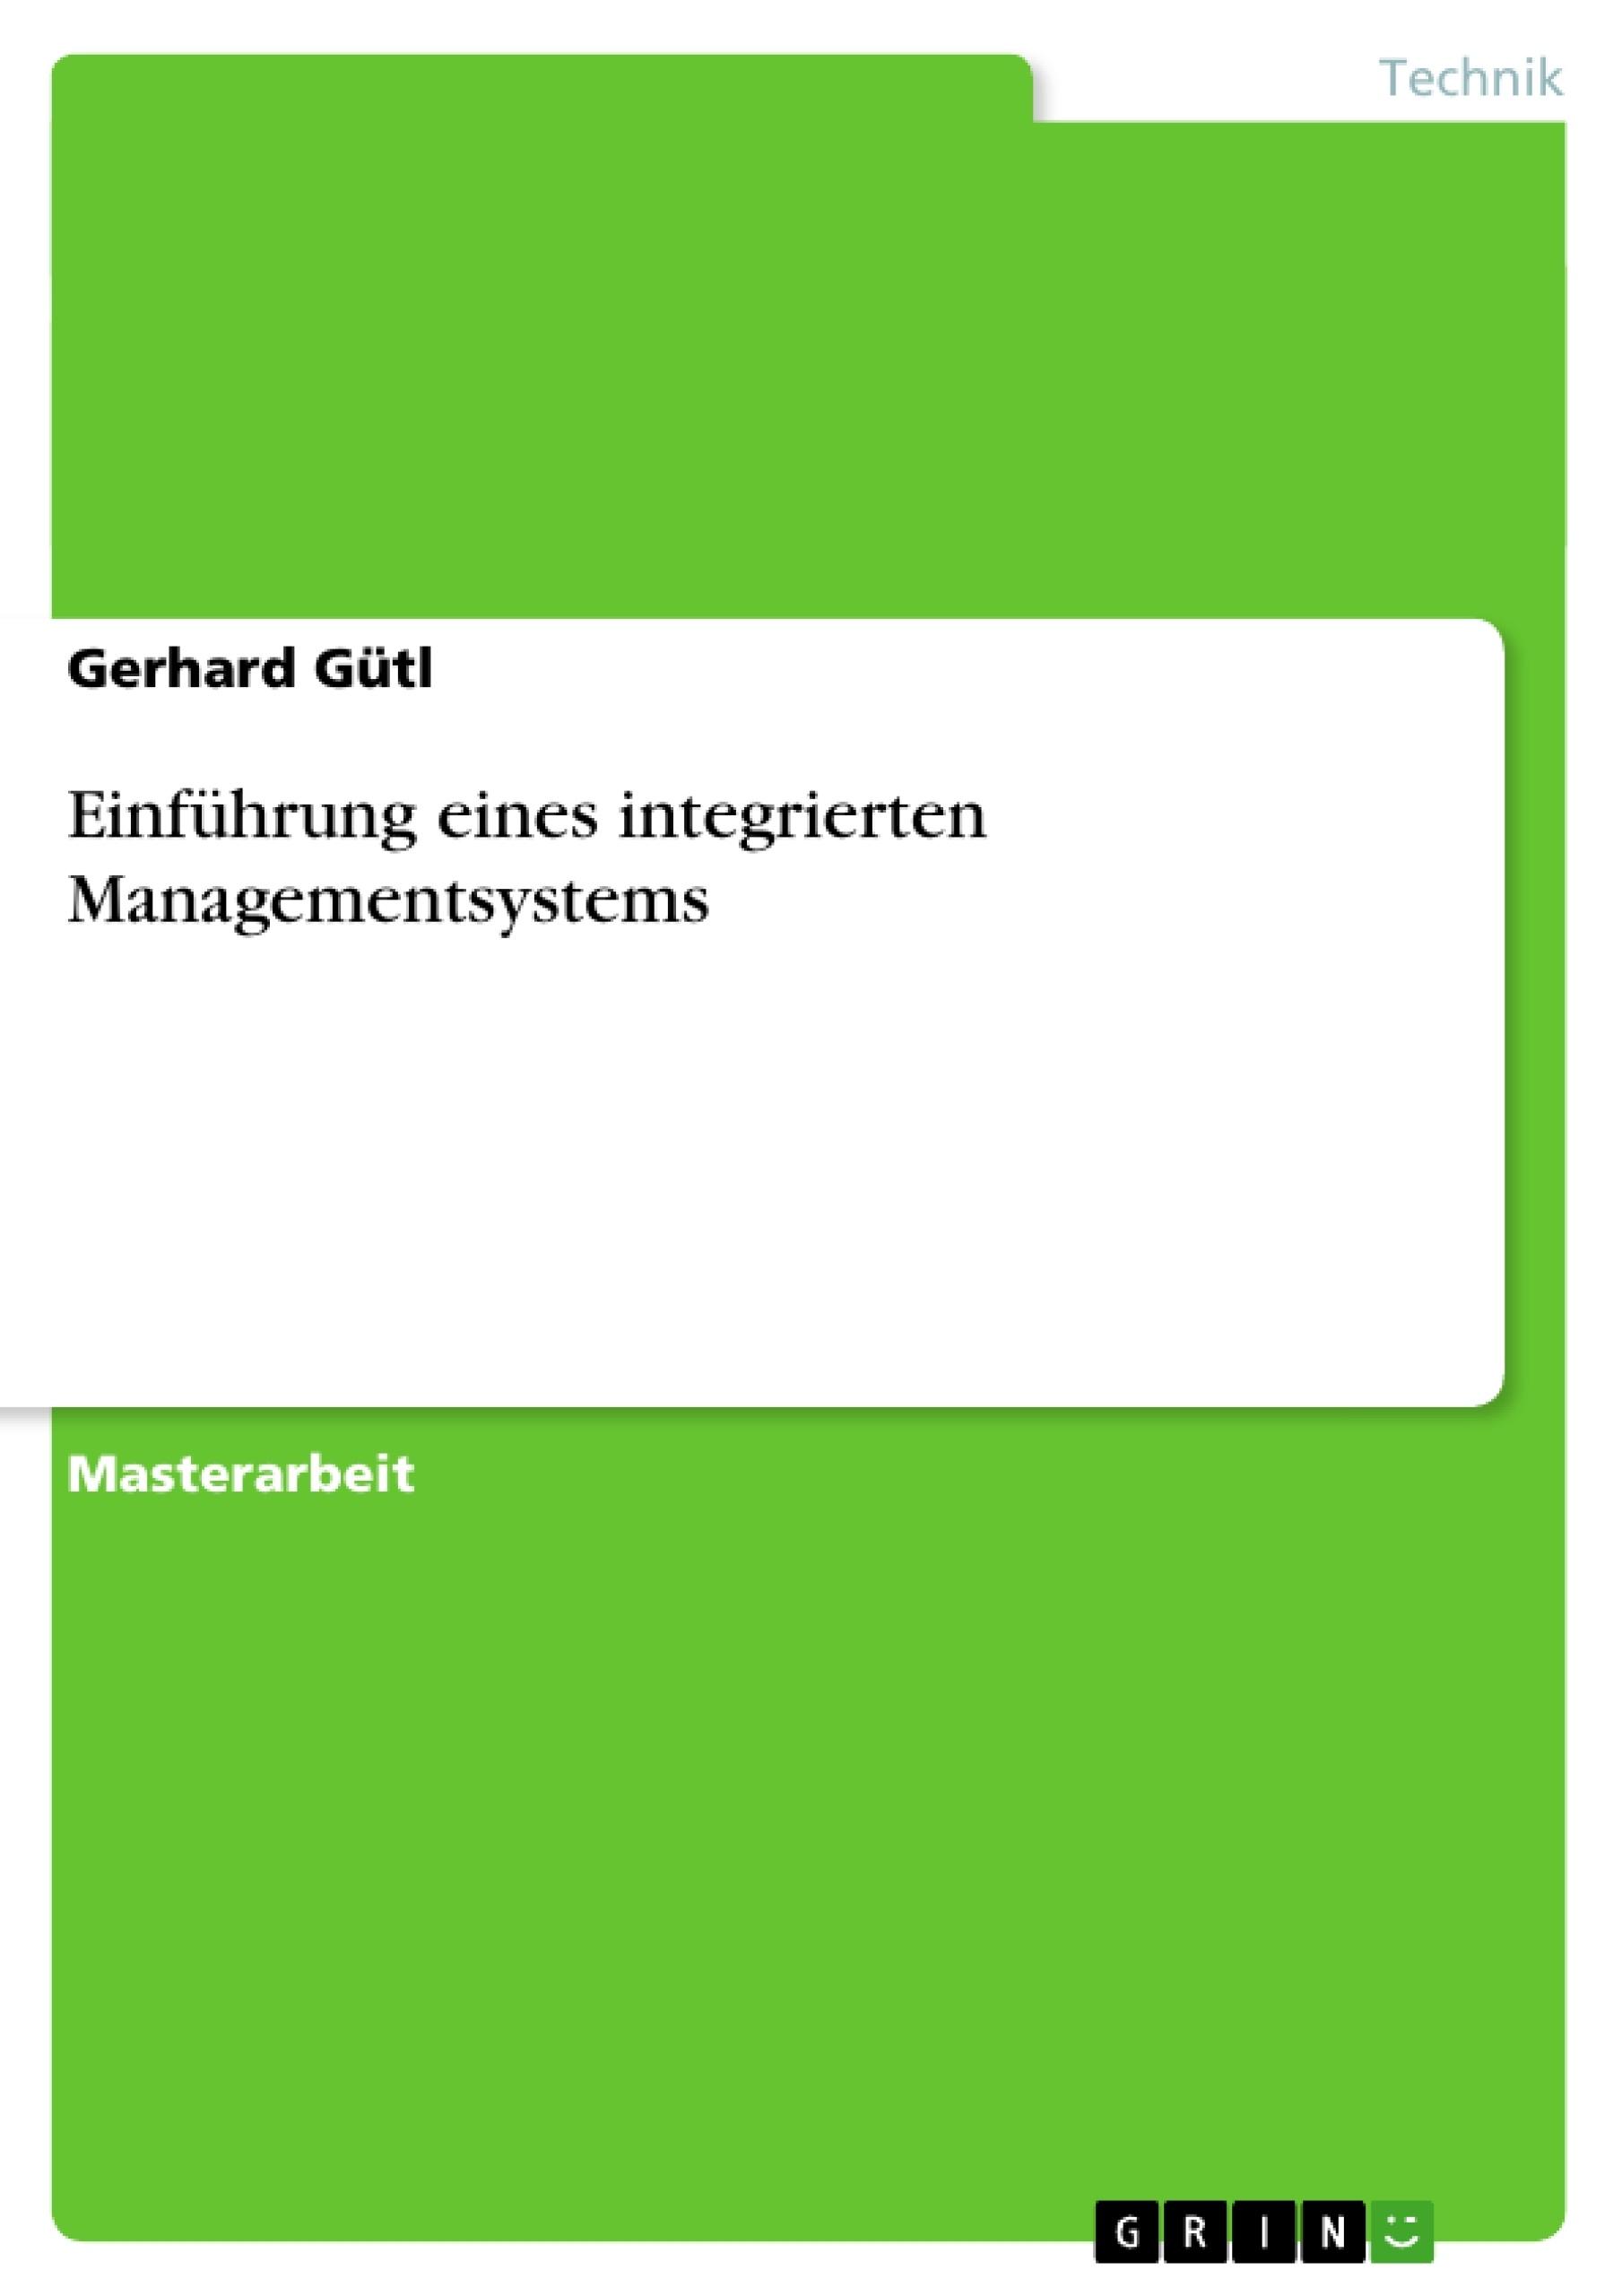 Titel: Einführung eines integrierten Managementsystems